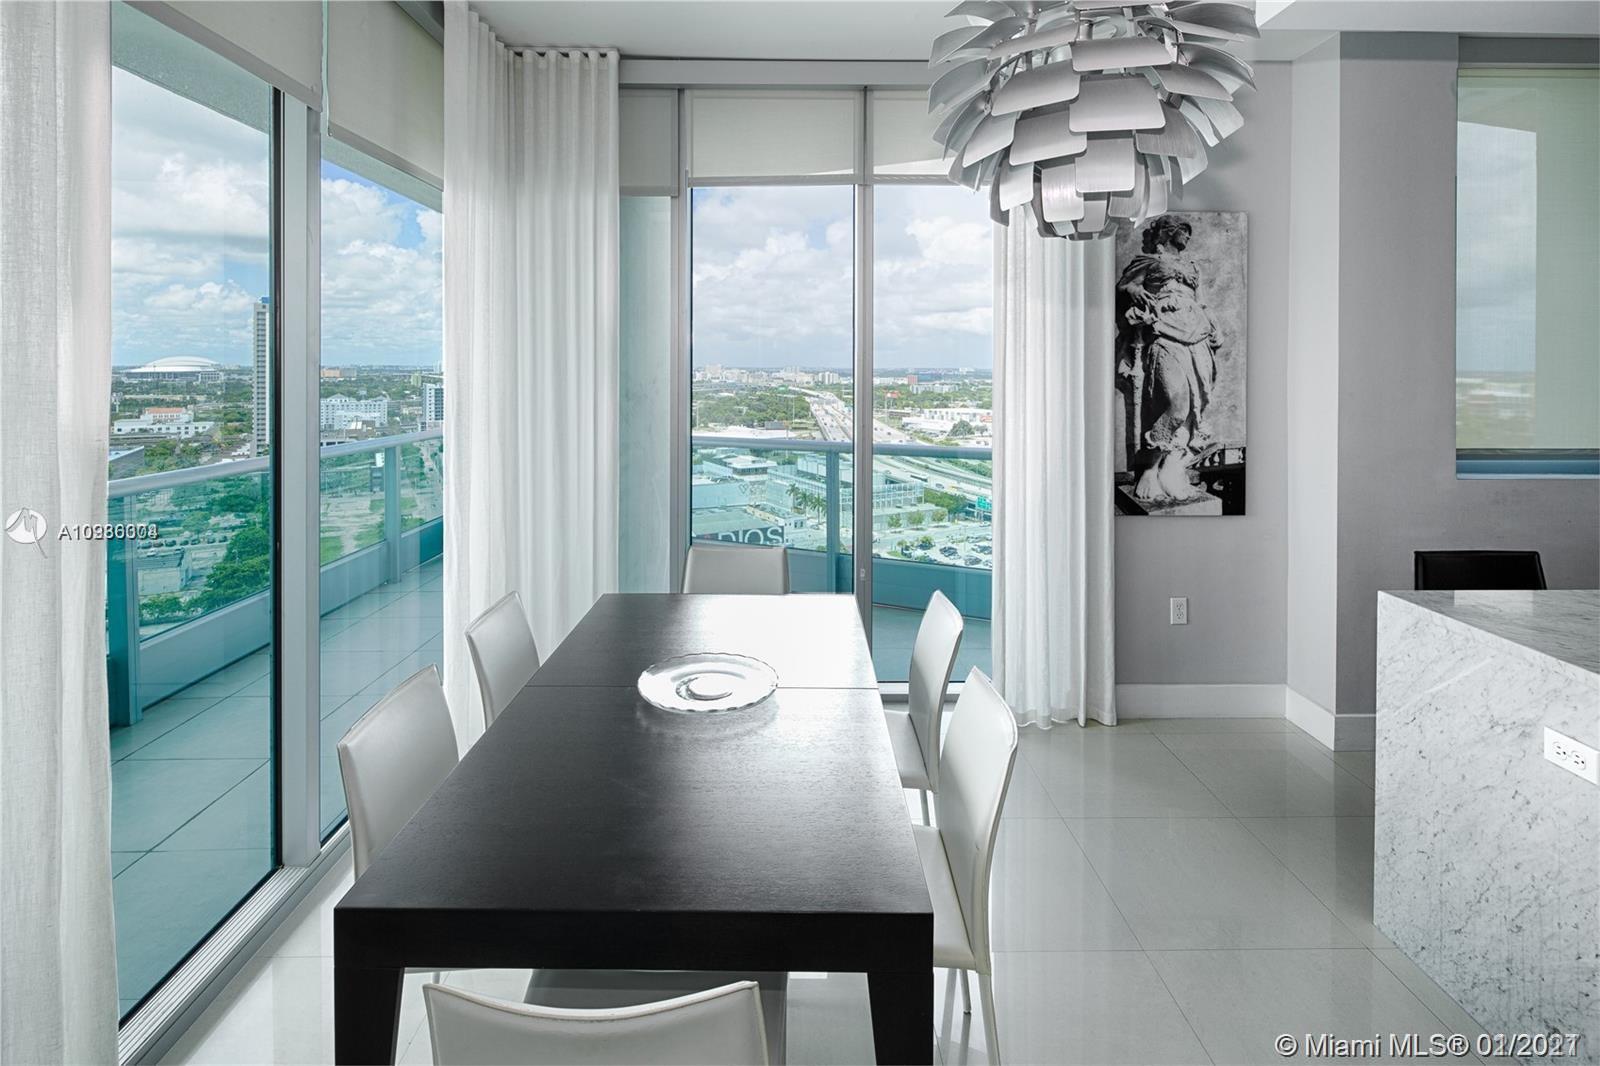 900 Biscayne Bay #2212 - 900 Biscayne Blvd #2212, Miami, FL 33132